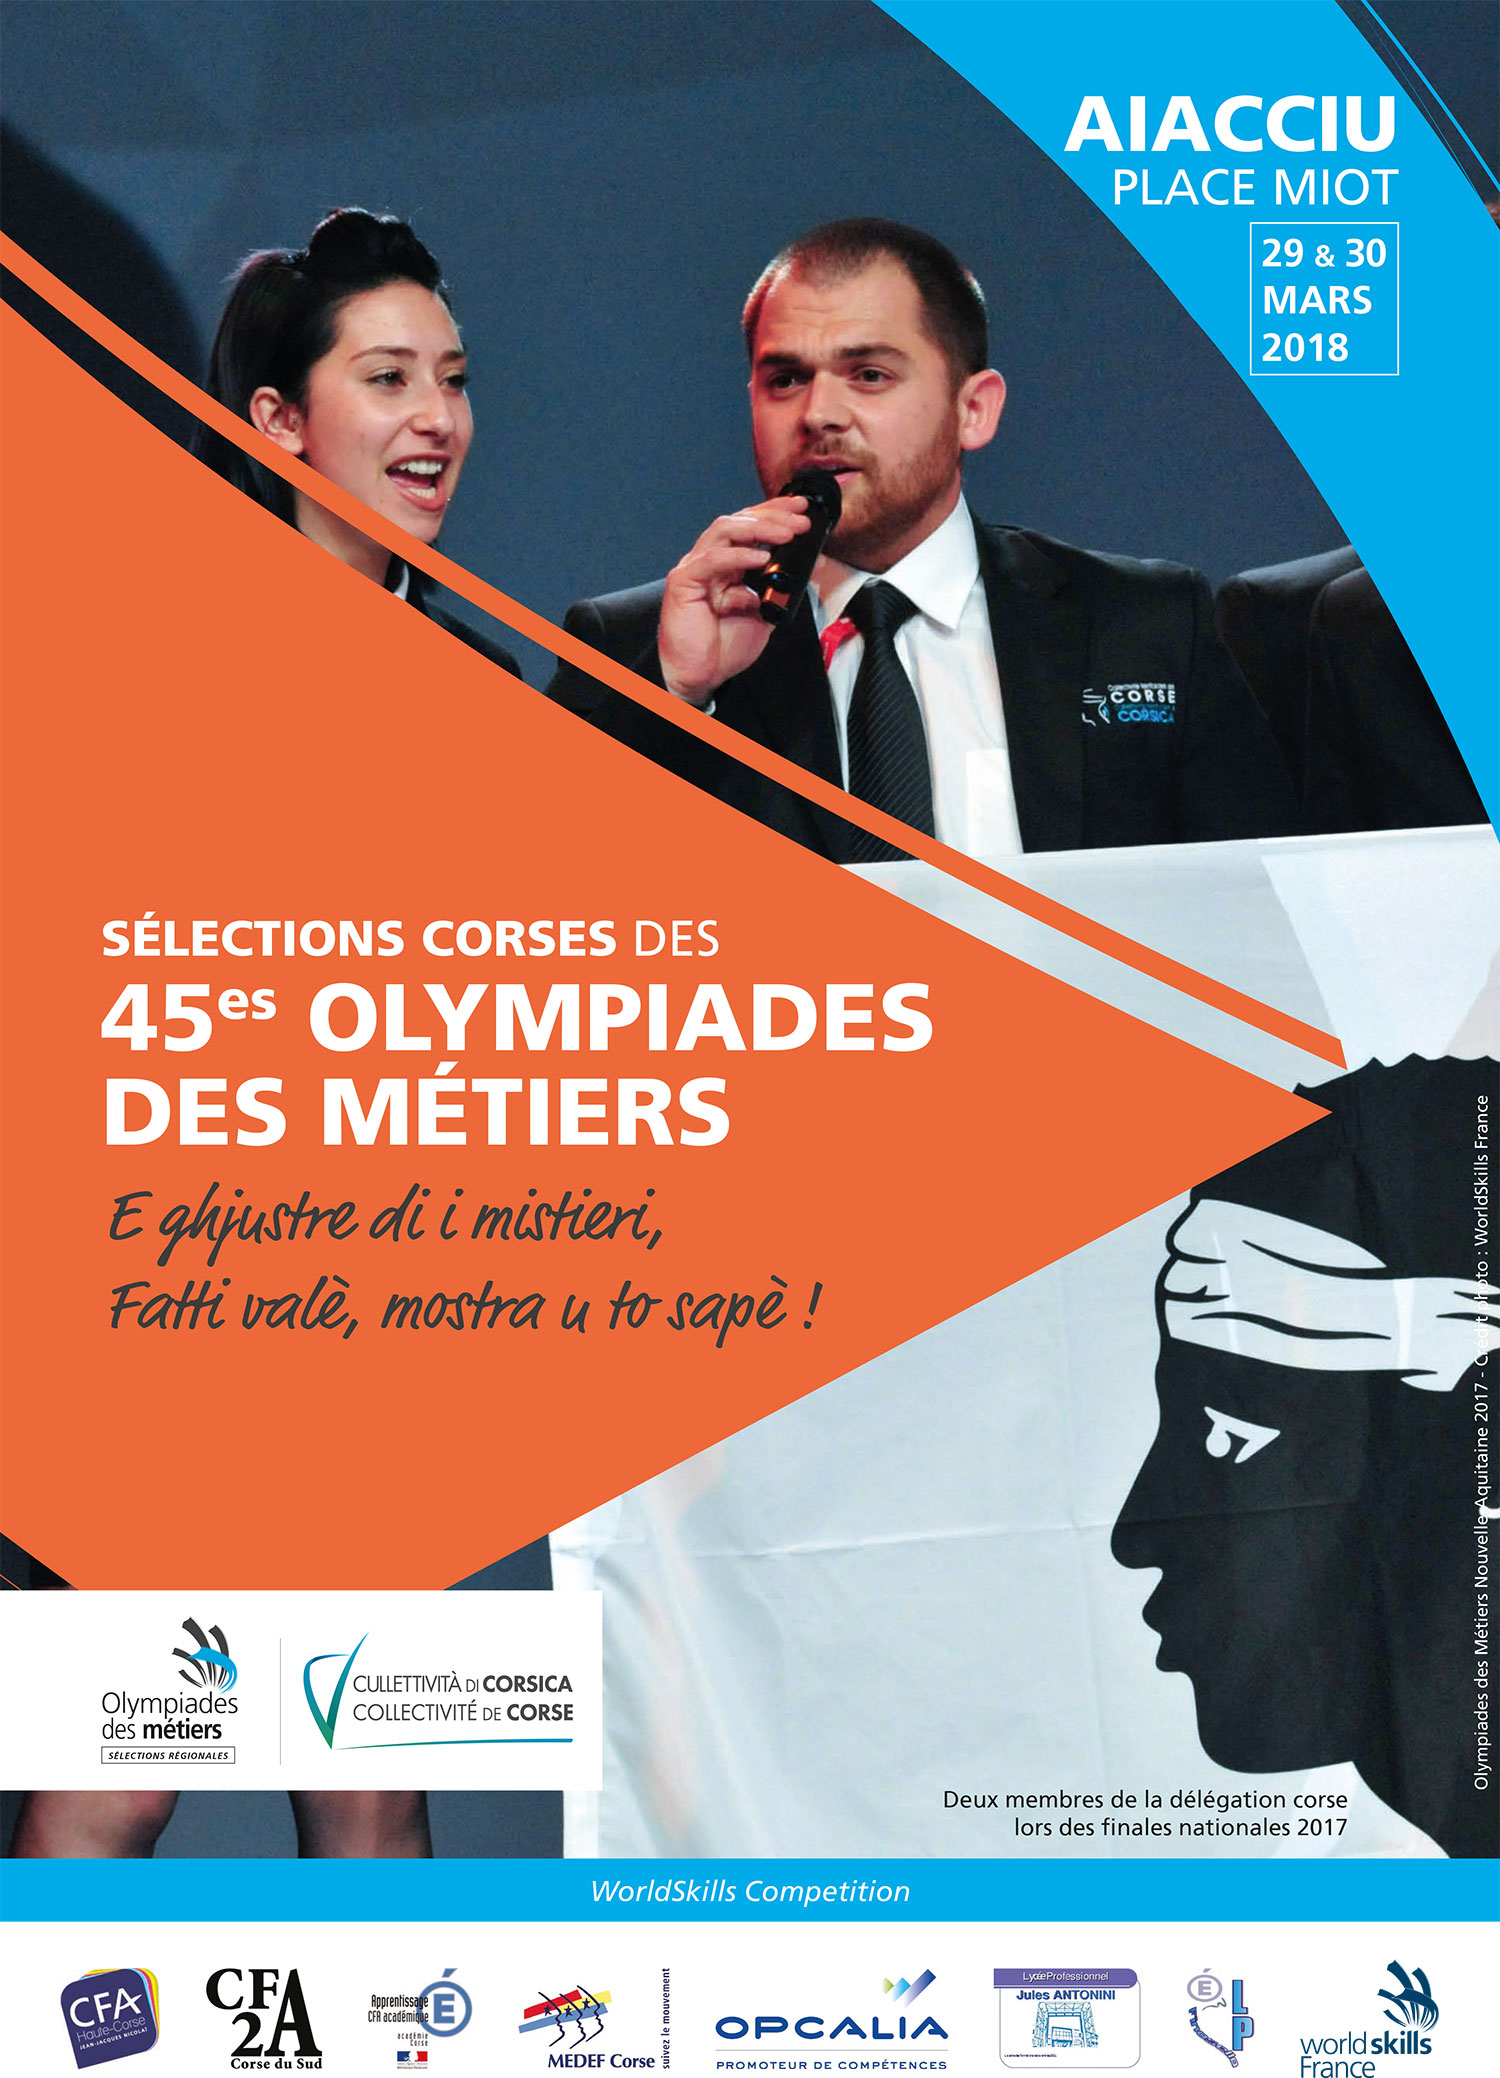 Rassemblement des candidats à la sélection corse des Olympiades des métiers 2018